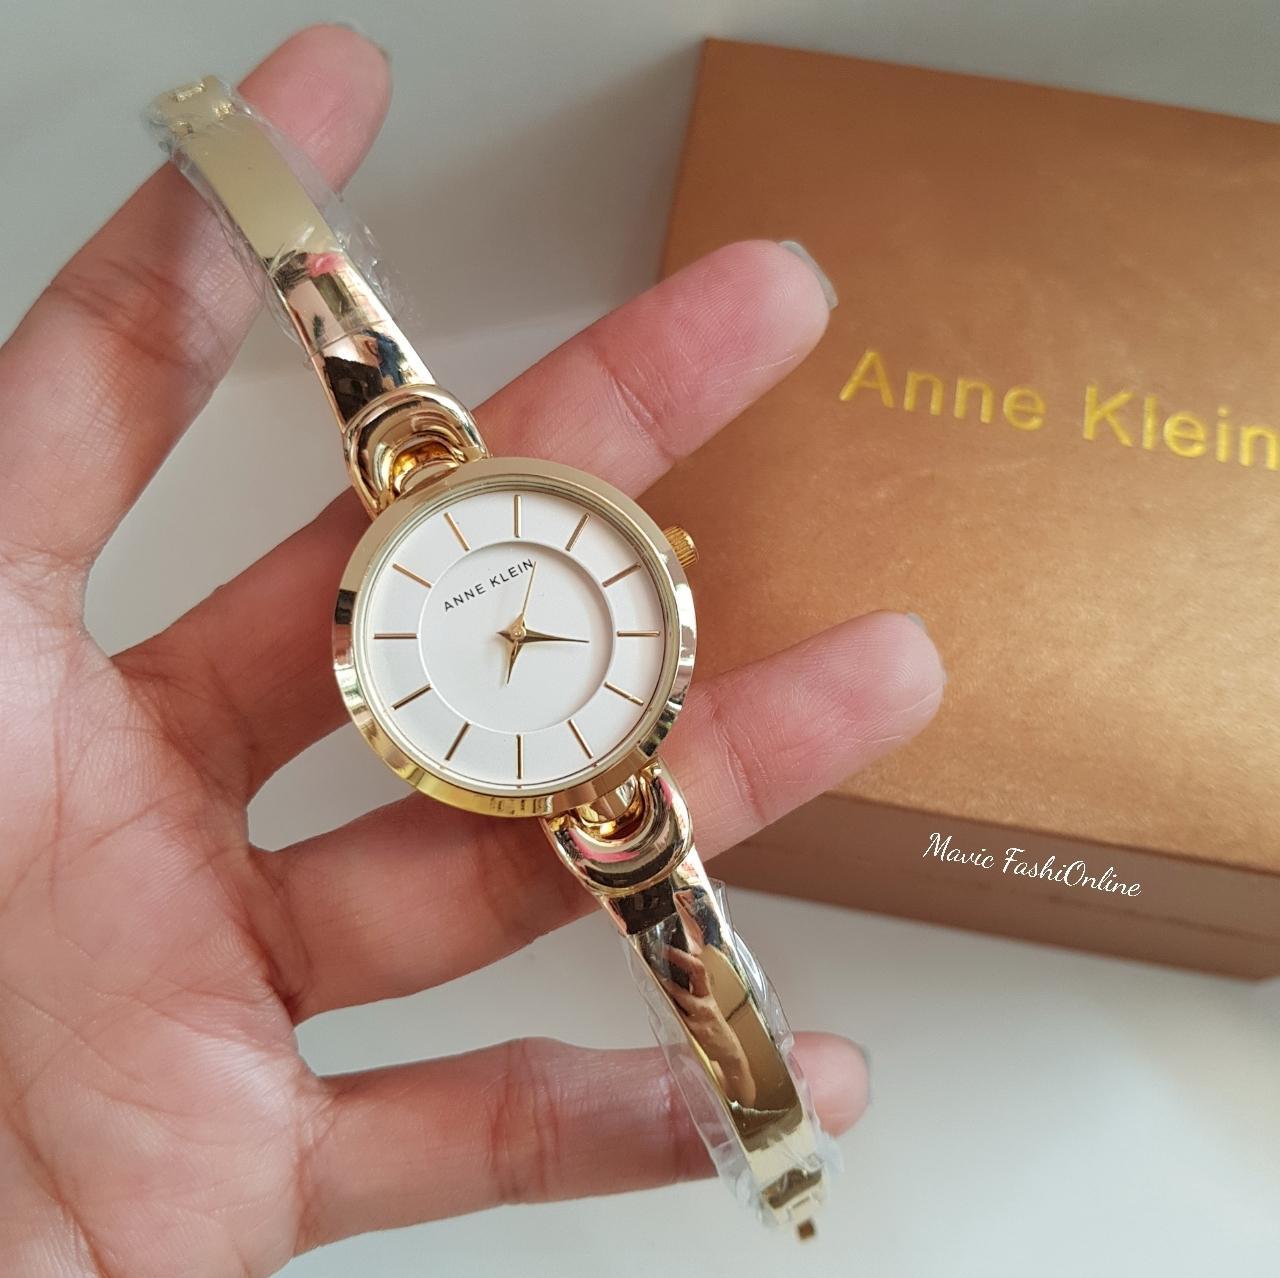 128bdb35ed4 Anne Klein Philippines  Anne Klein price list - Anne Klein Watches ...